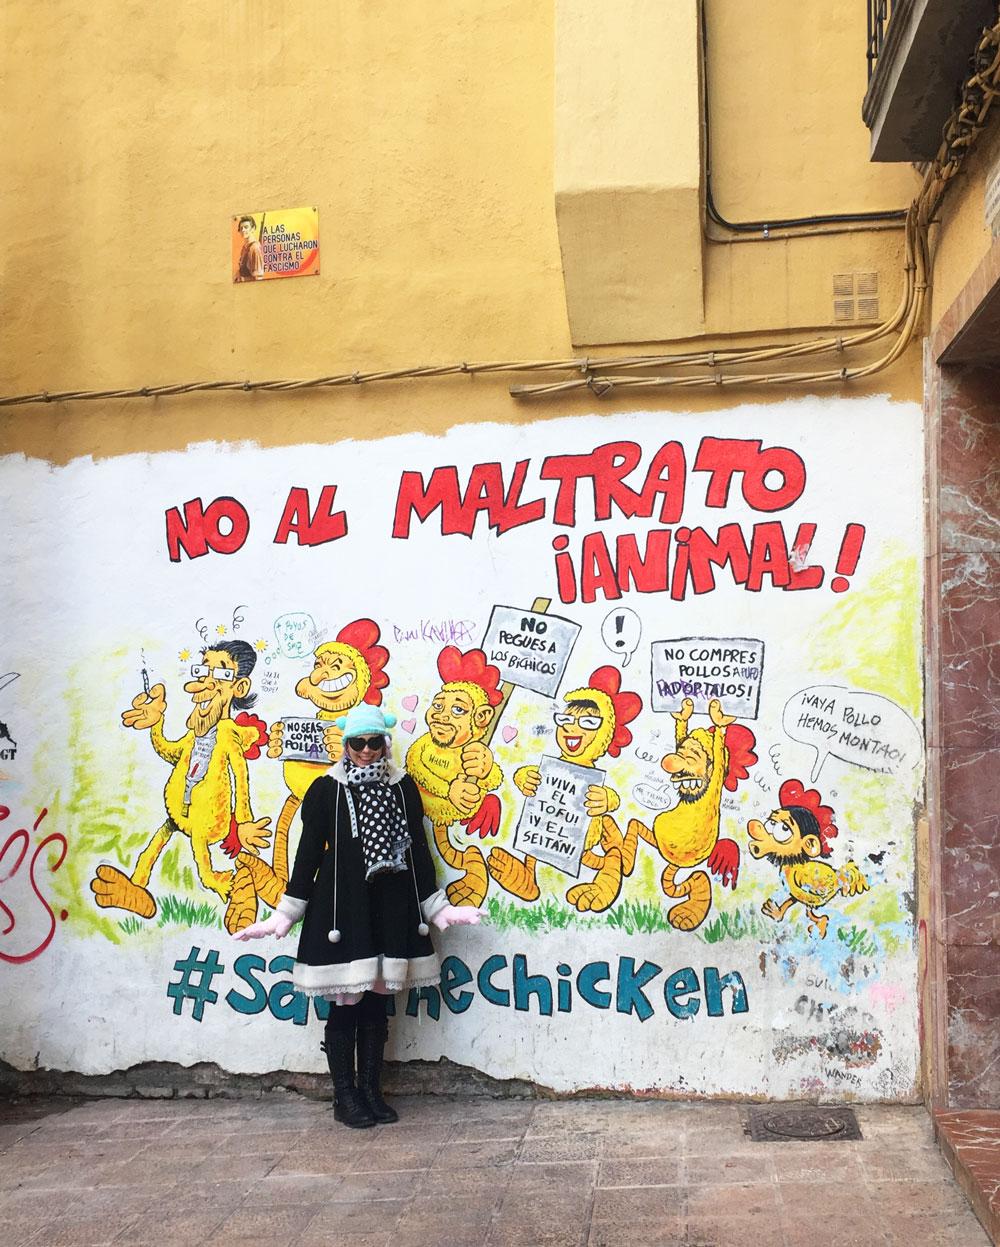 an animal rights mural in Zaragoza